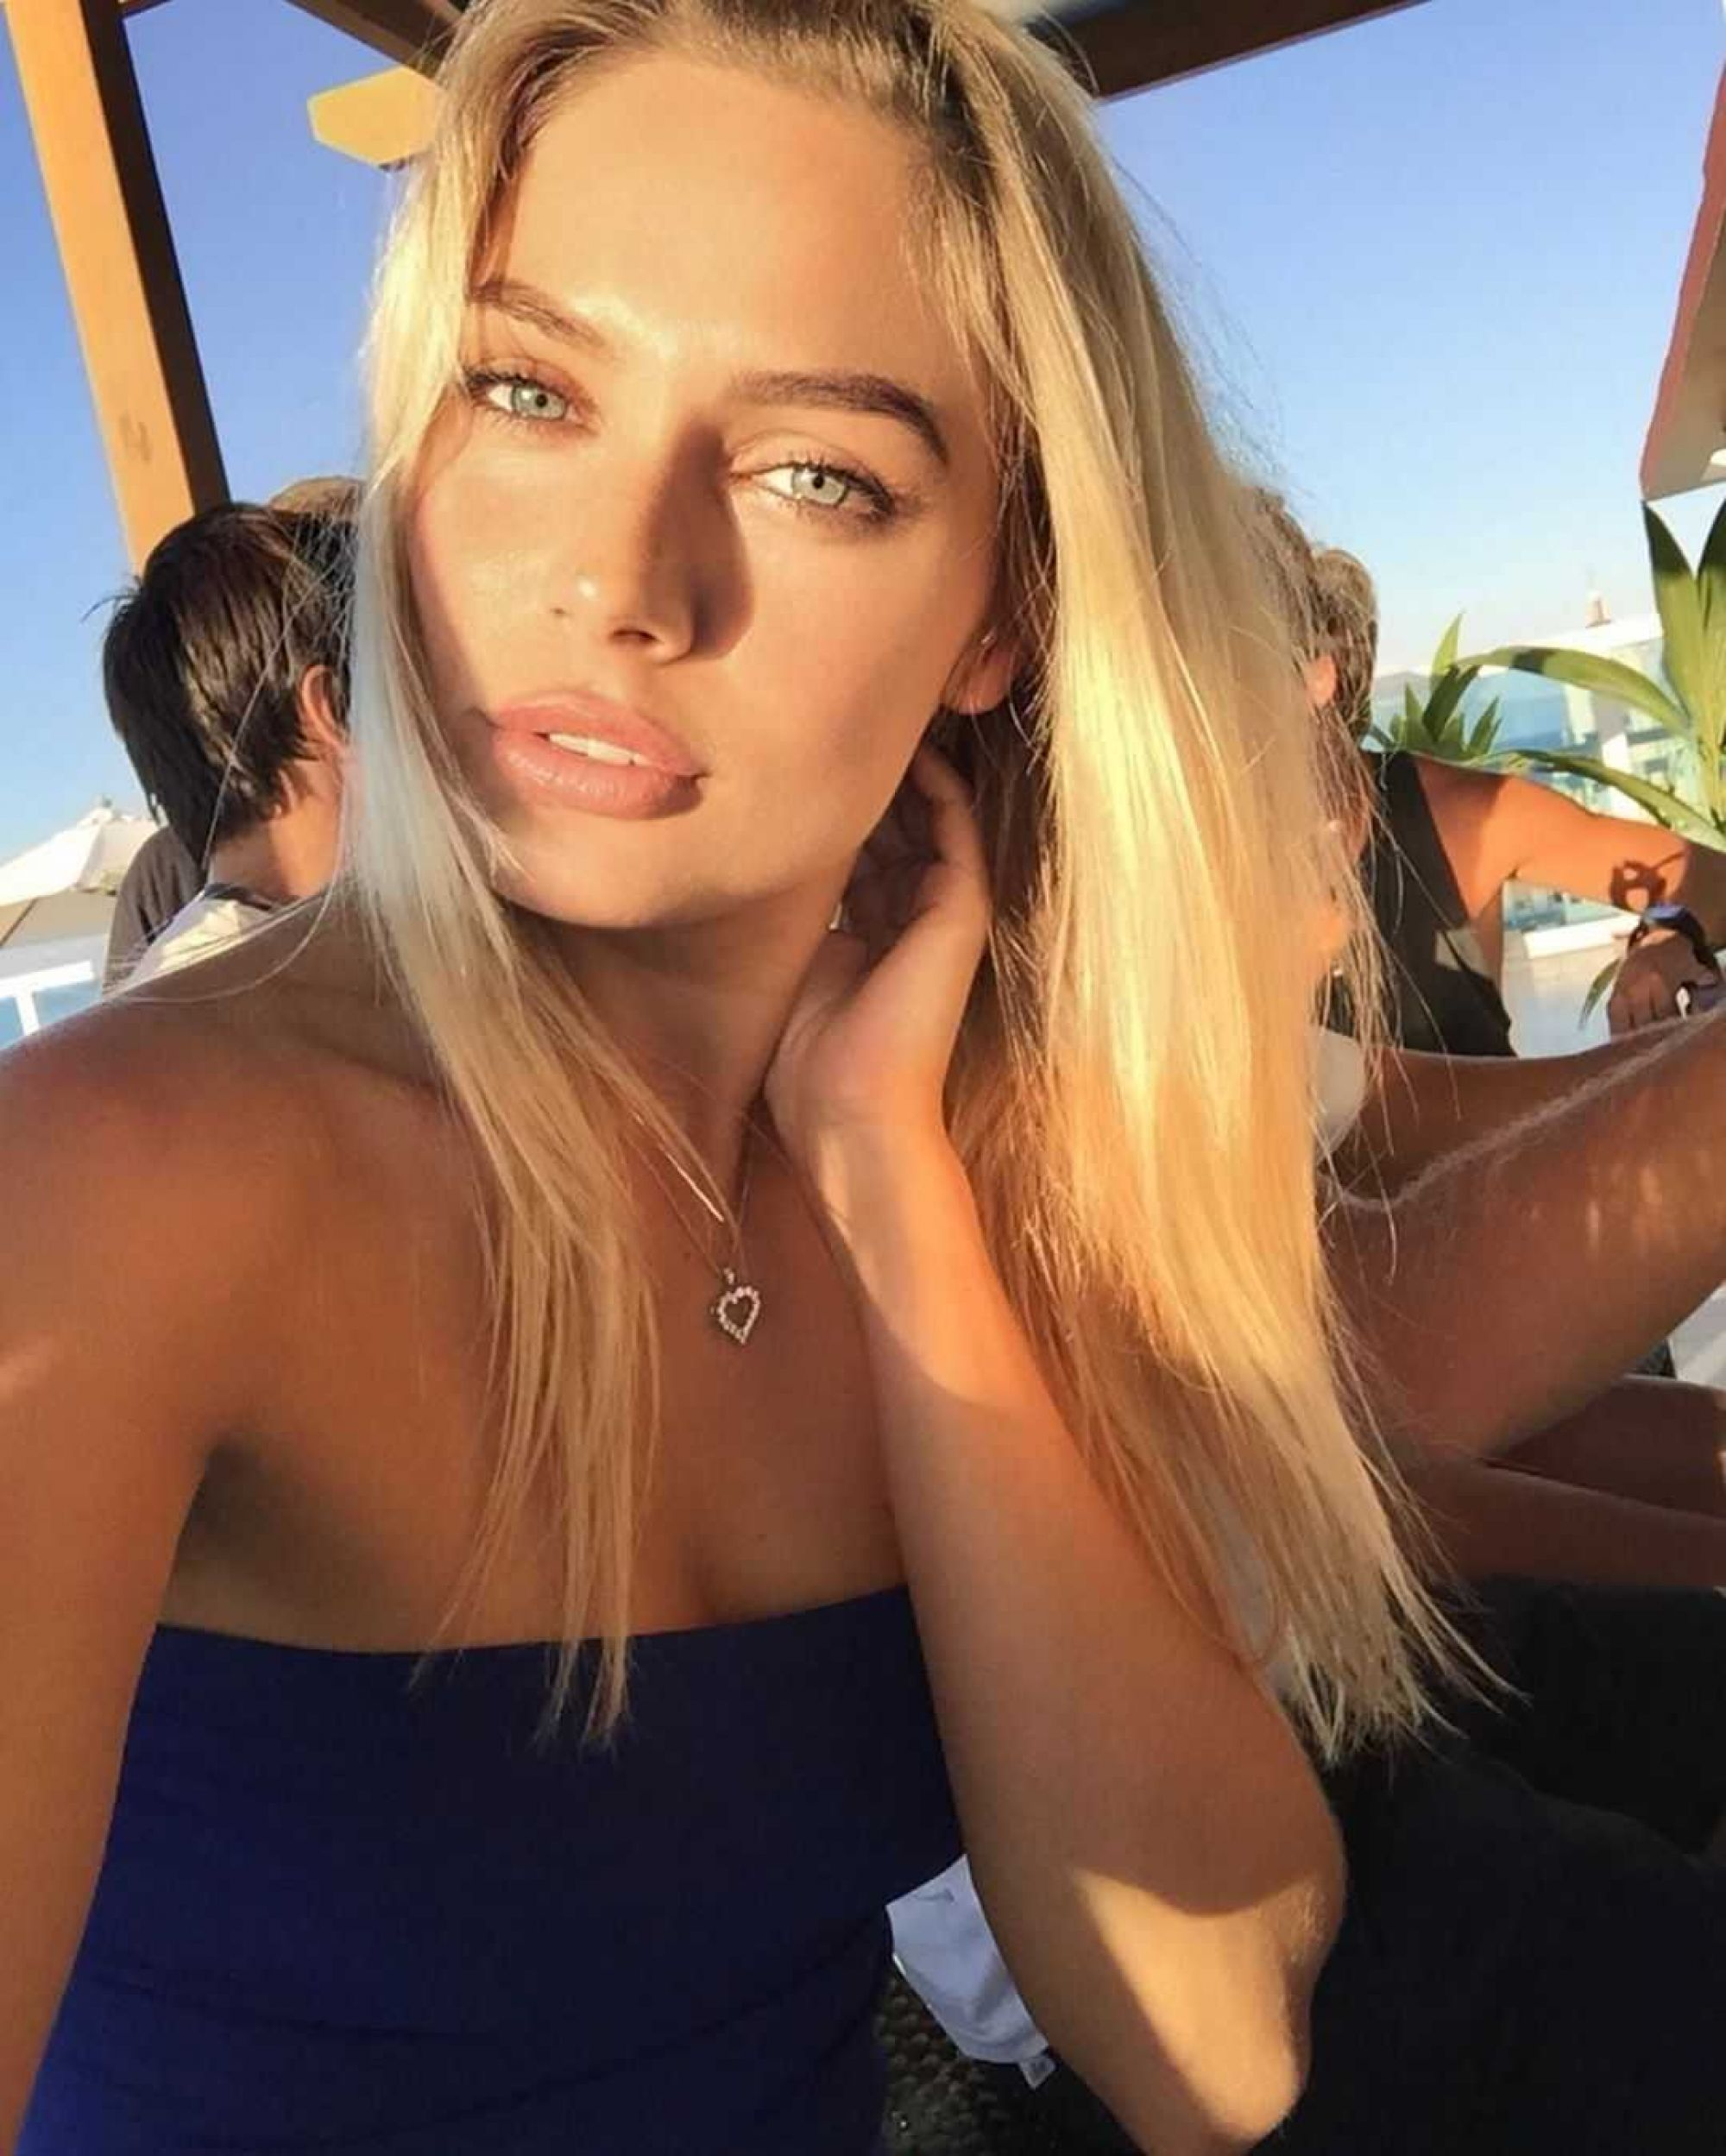 СМИ сообщают о беременности актрисы Натальи Рудовой